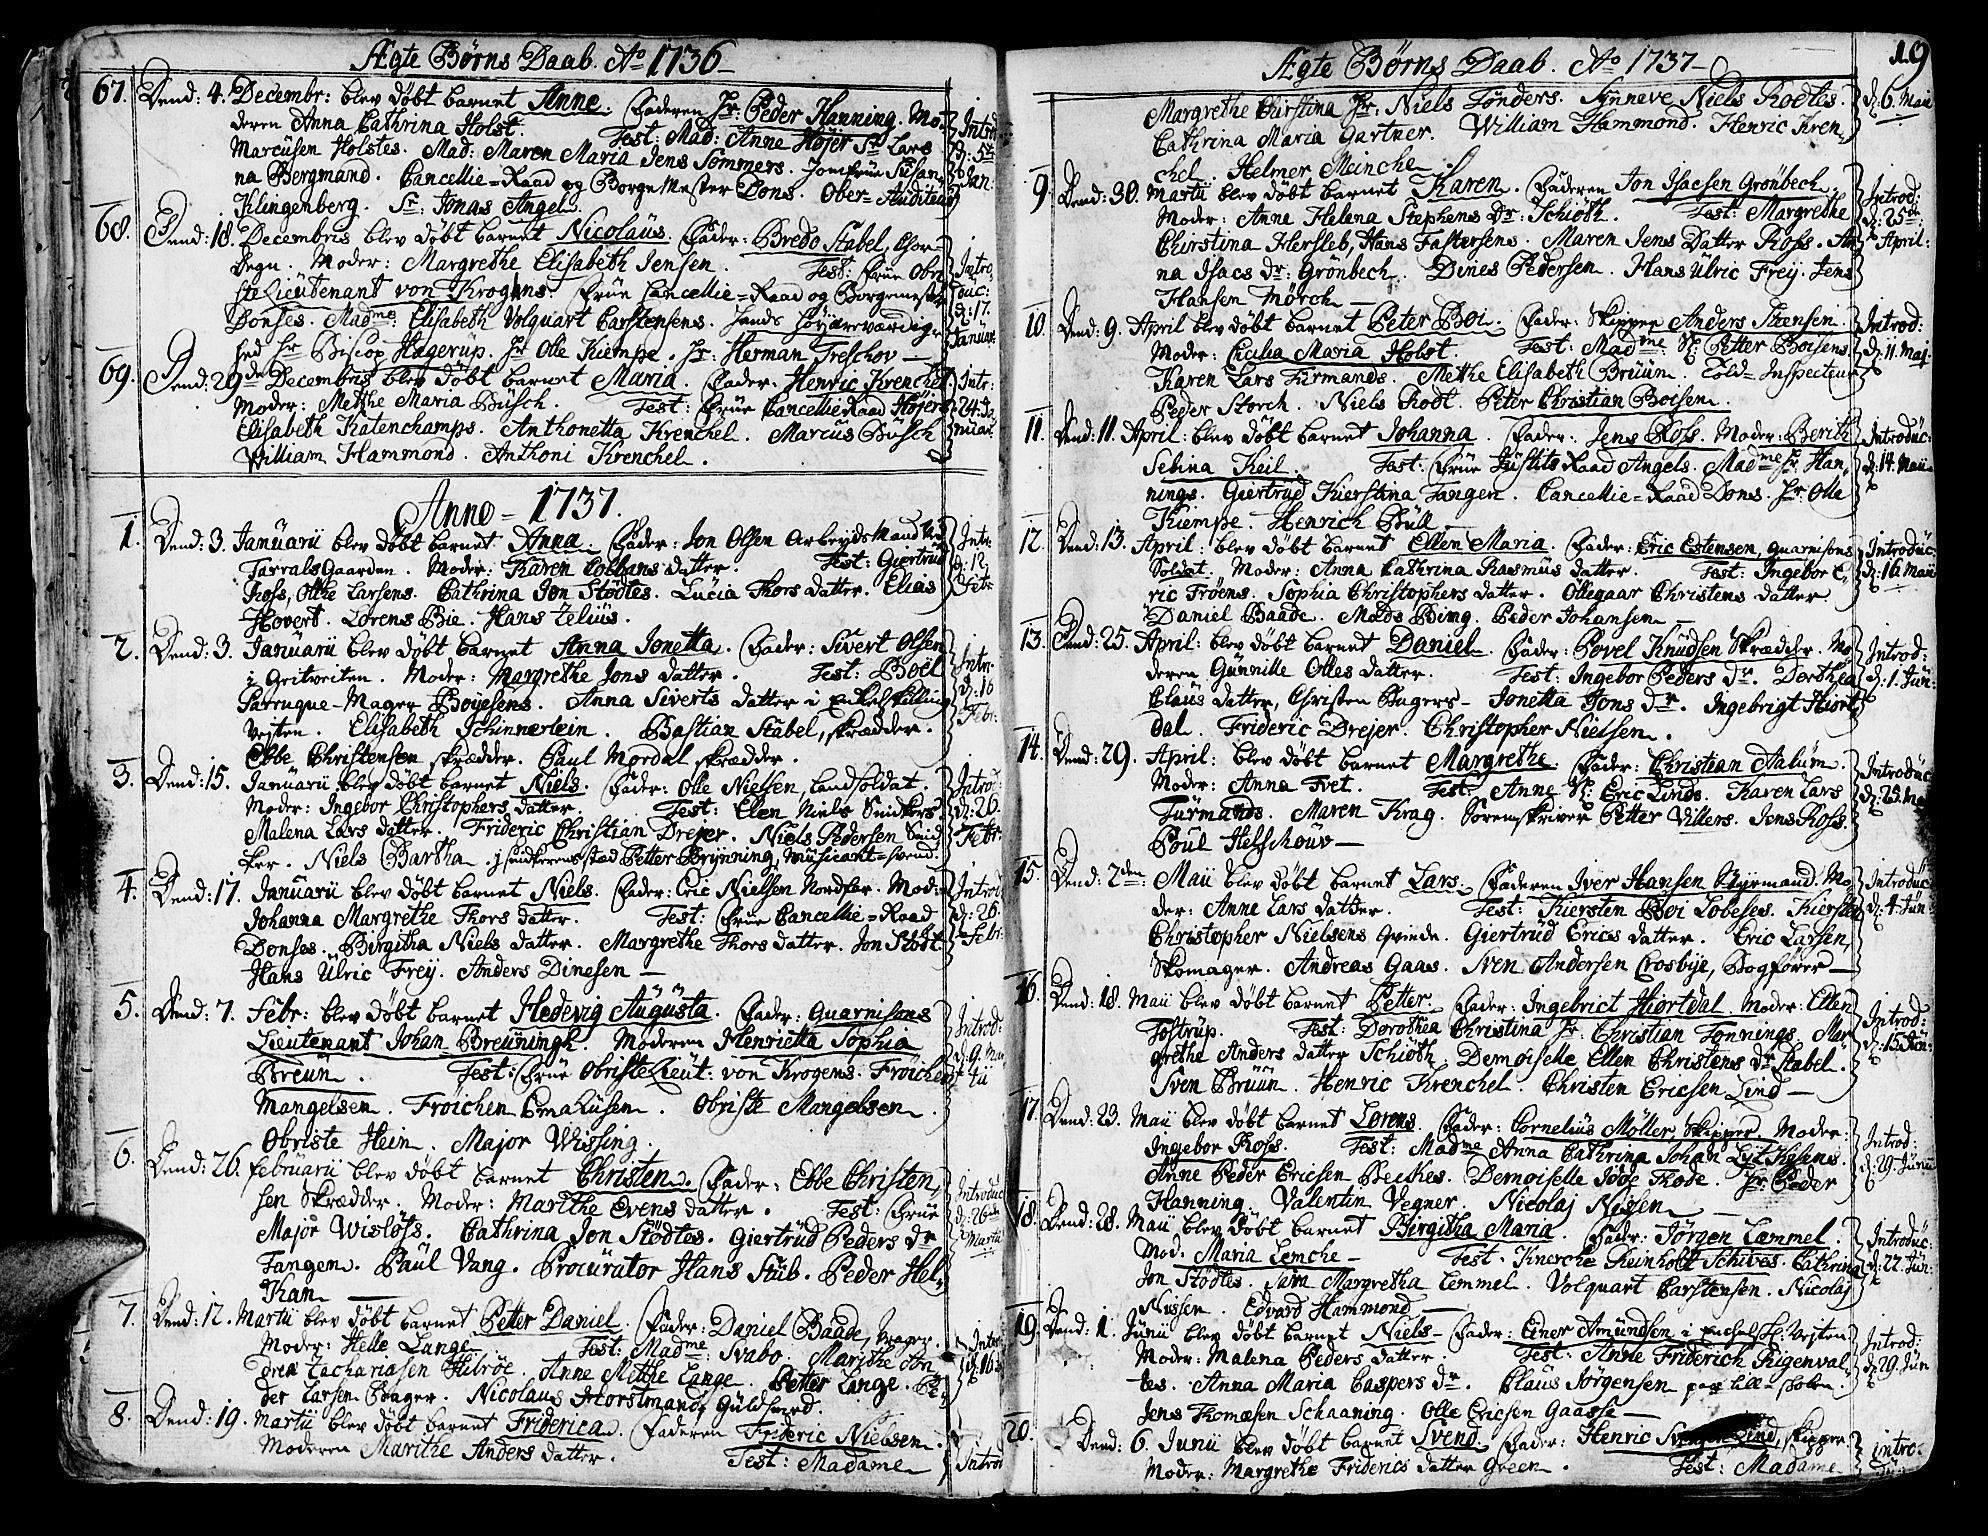 SAT, Ministerialprotokoller, klokkerbøker og fødselsregistre - Sør-Trøndelag, 602/L0103: Ministerialbok nr. 602A01, 1732-1774, s. 19